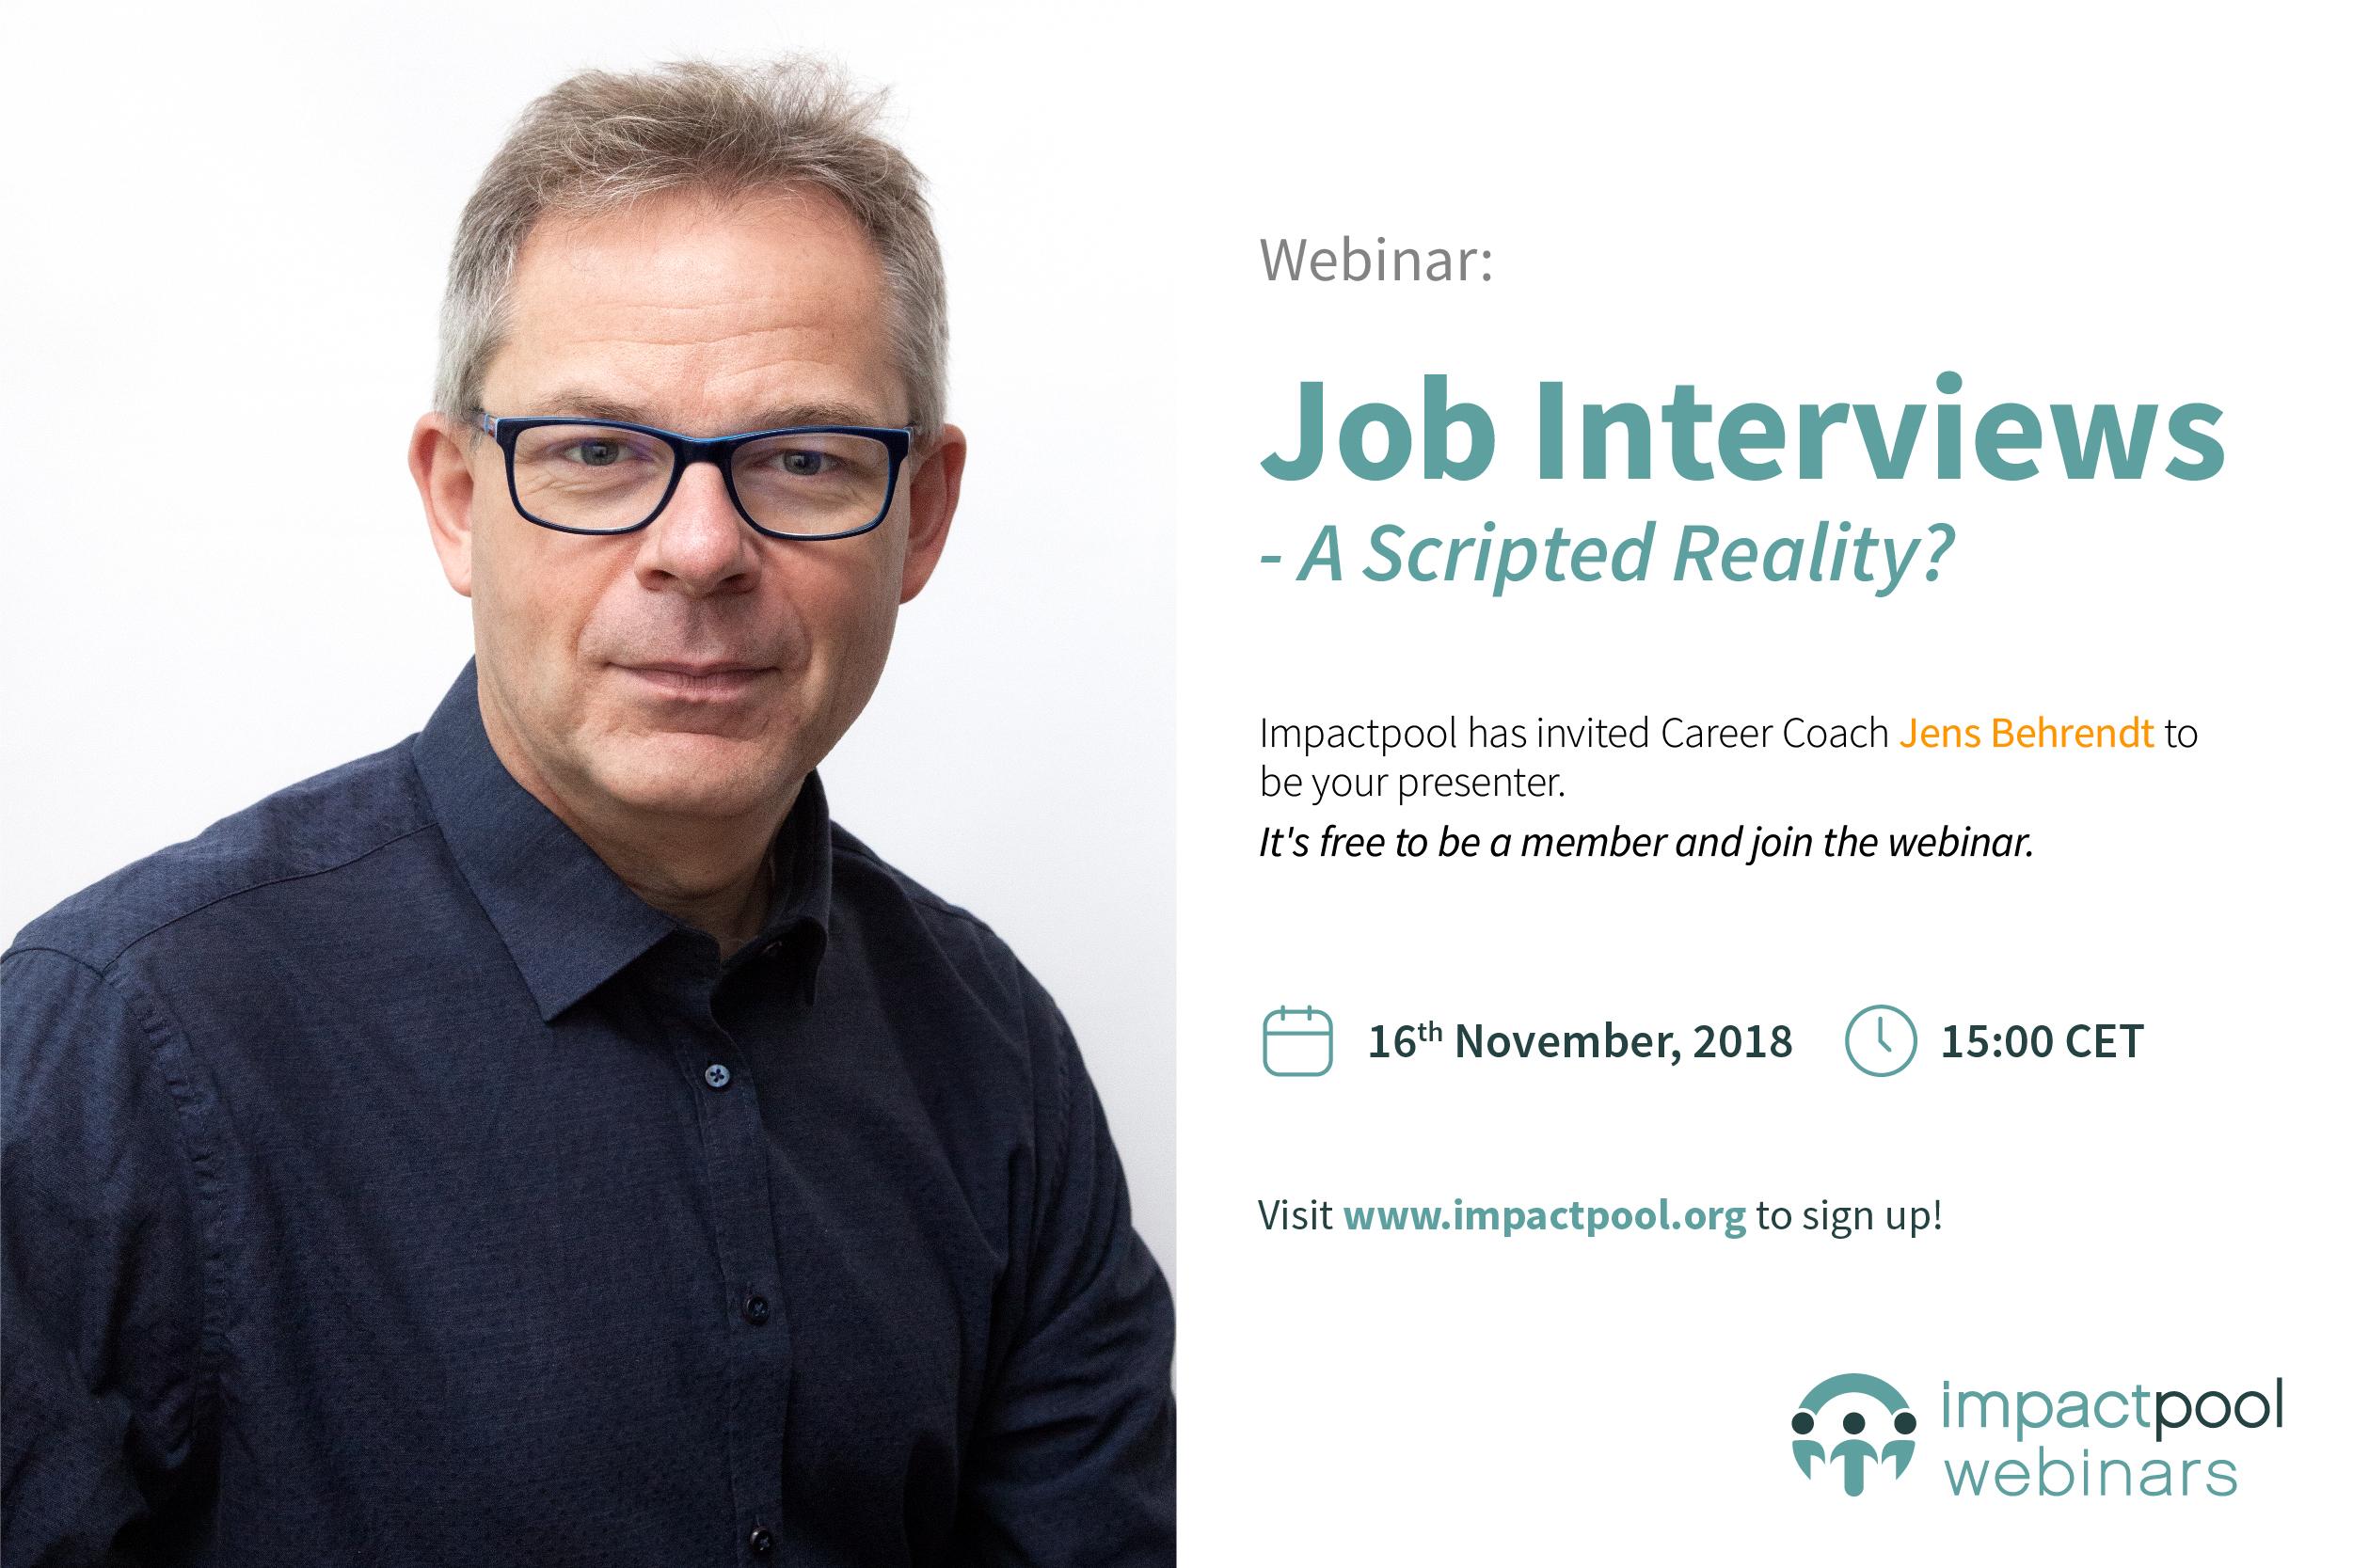 Webinar job interviews a scripted reality 2f8ea40b ed55 4431 8172 d116cd97f9ba